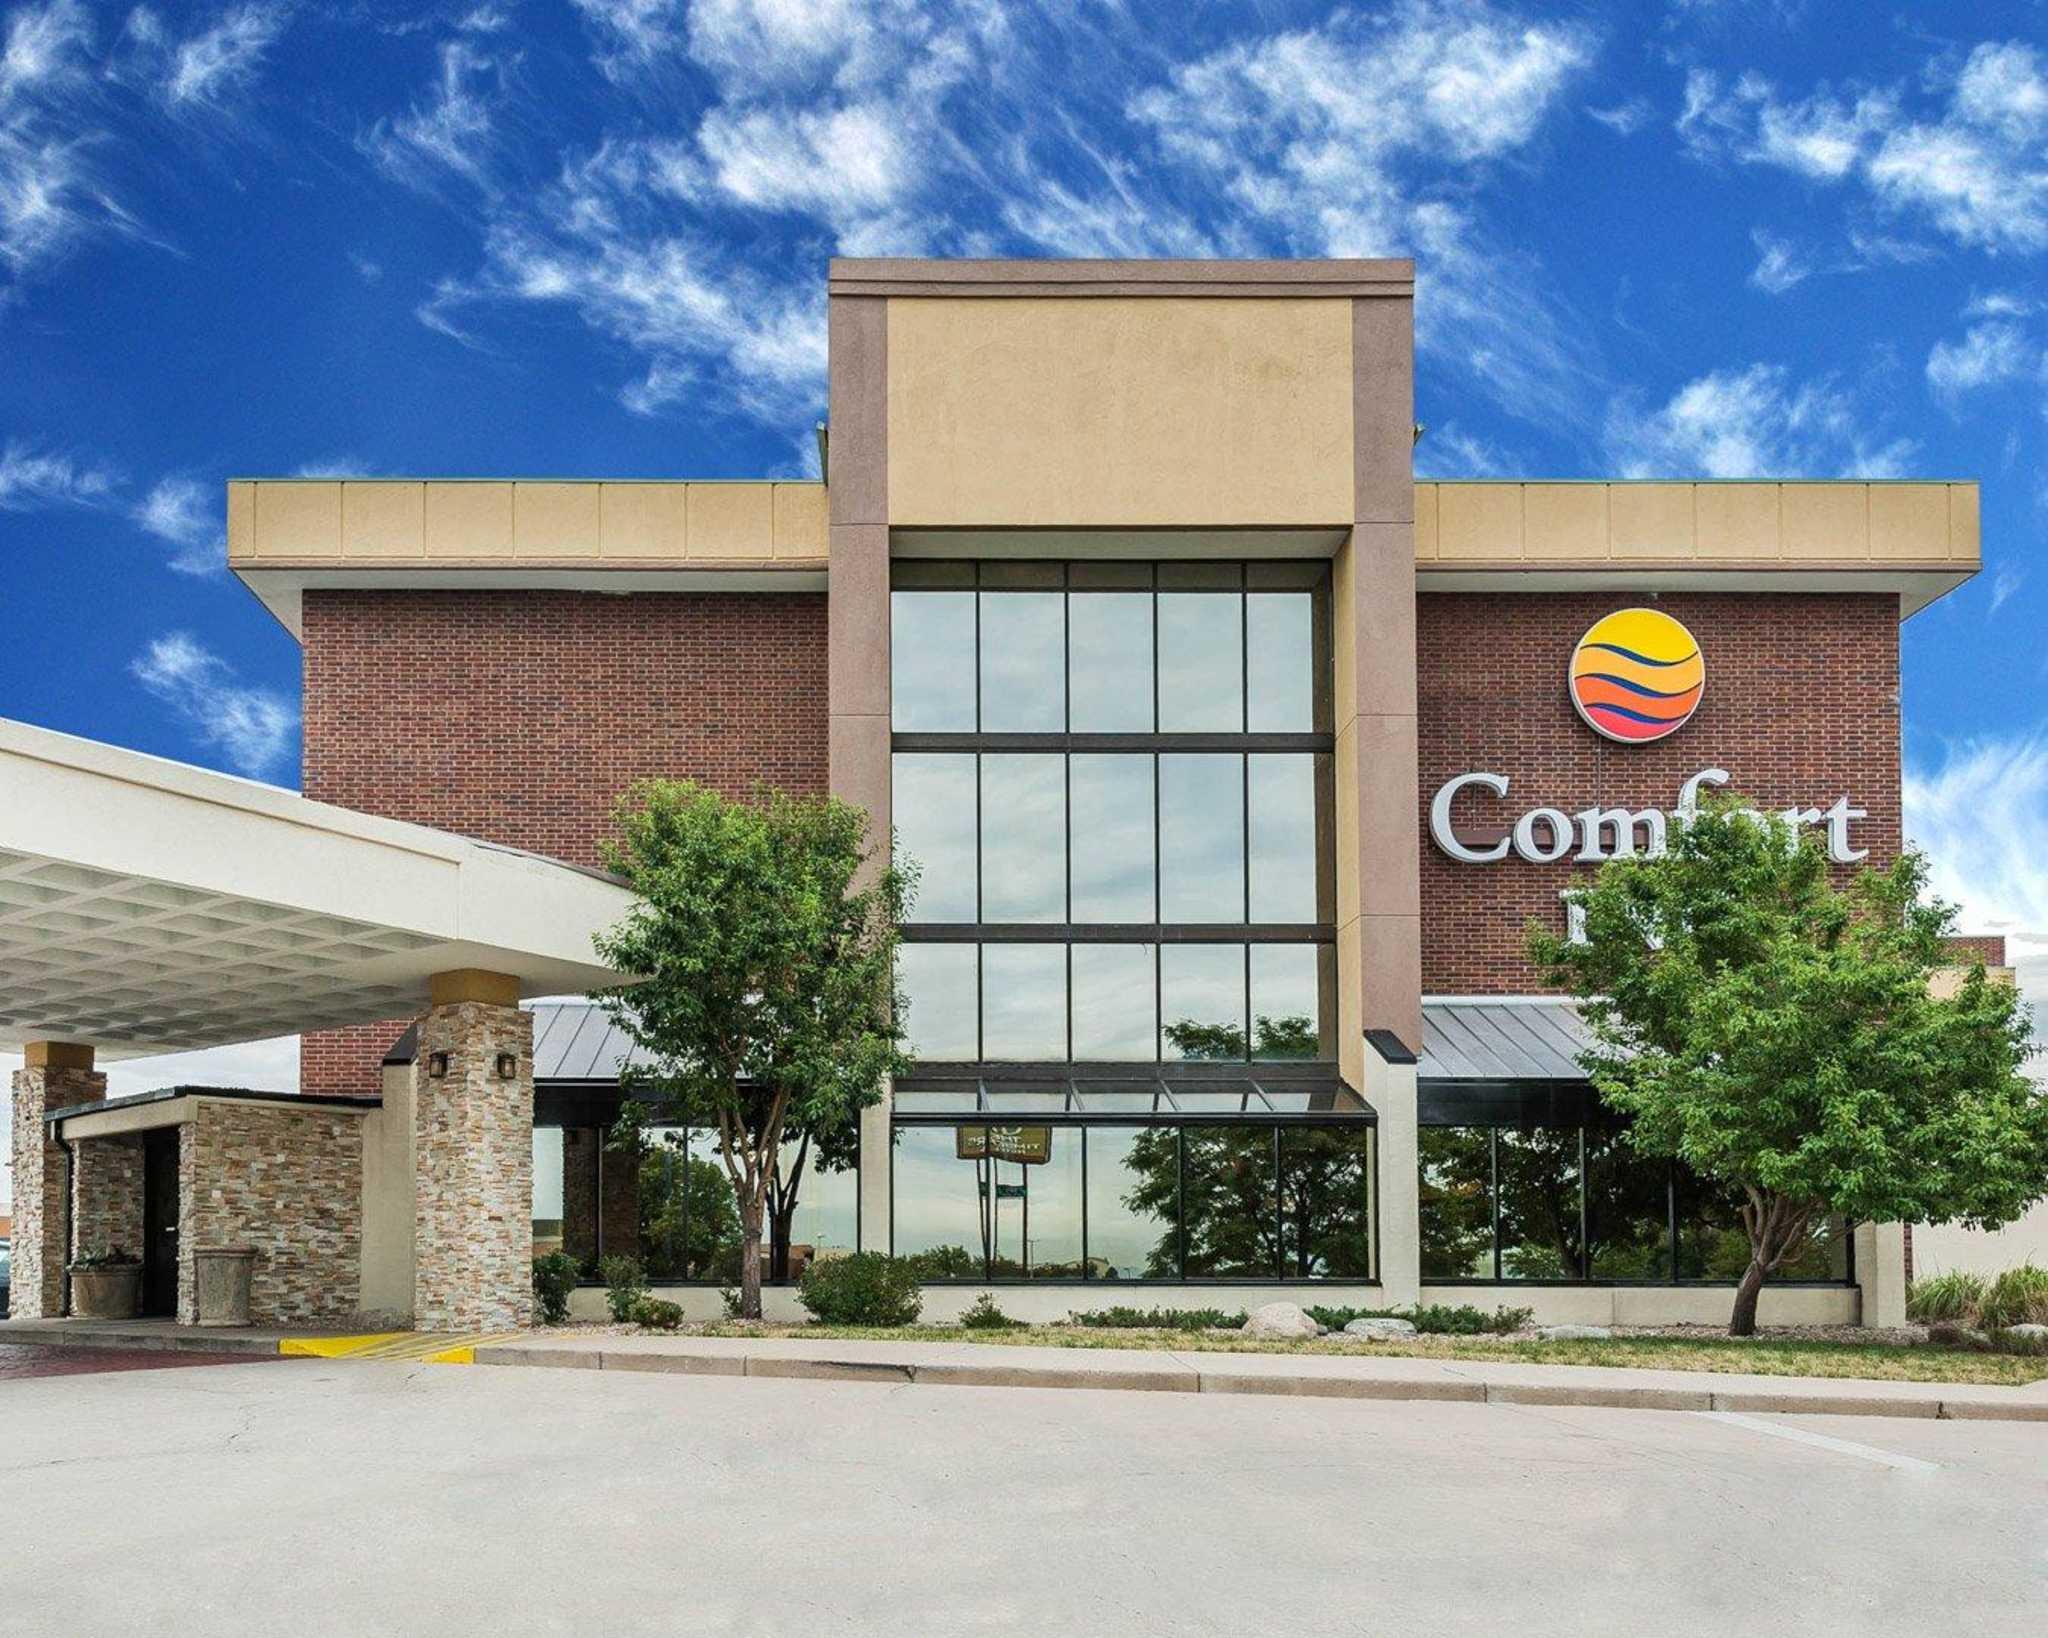 Comfort Inn Denver East image 2